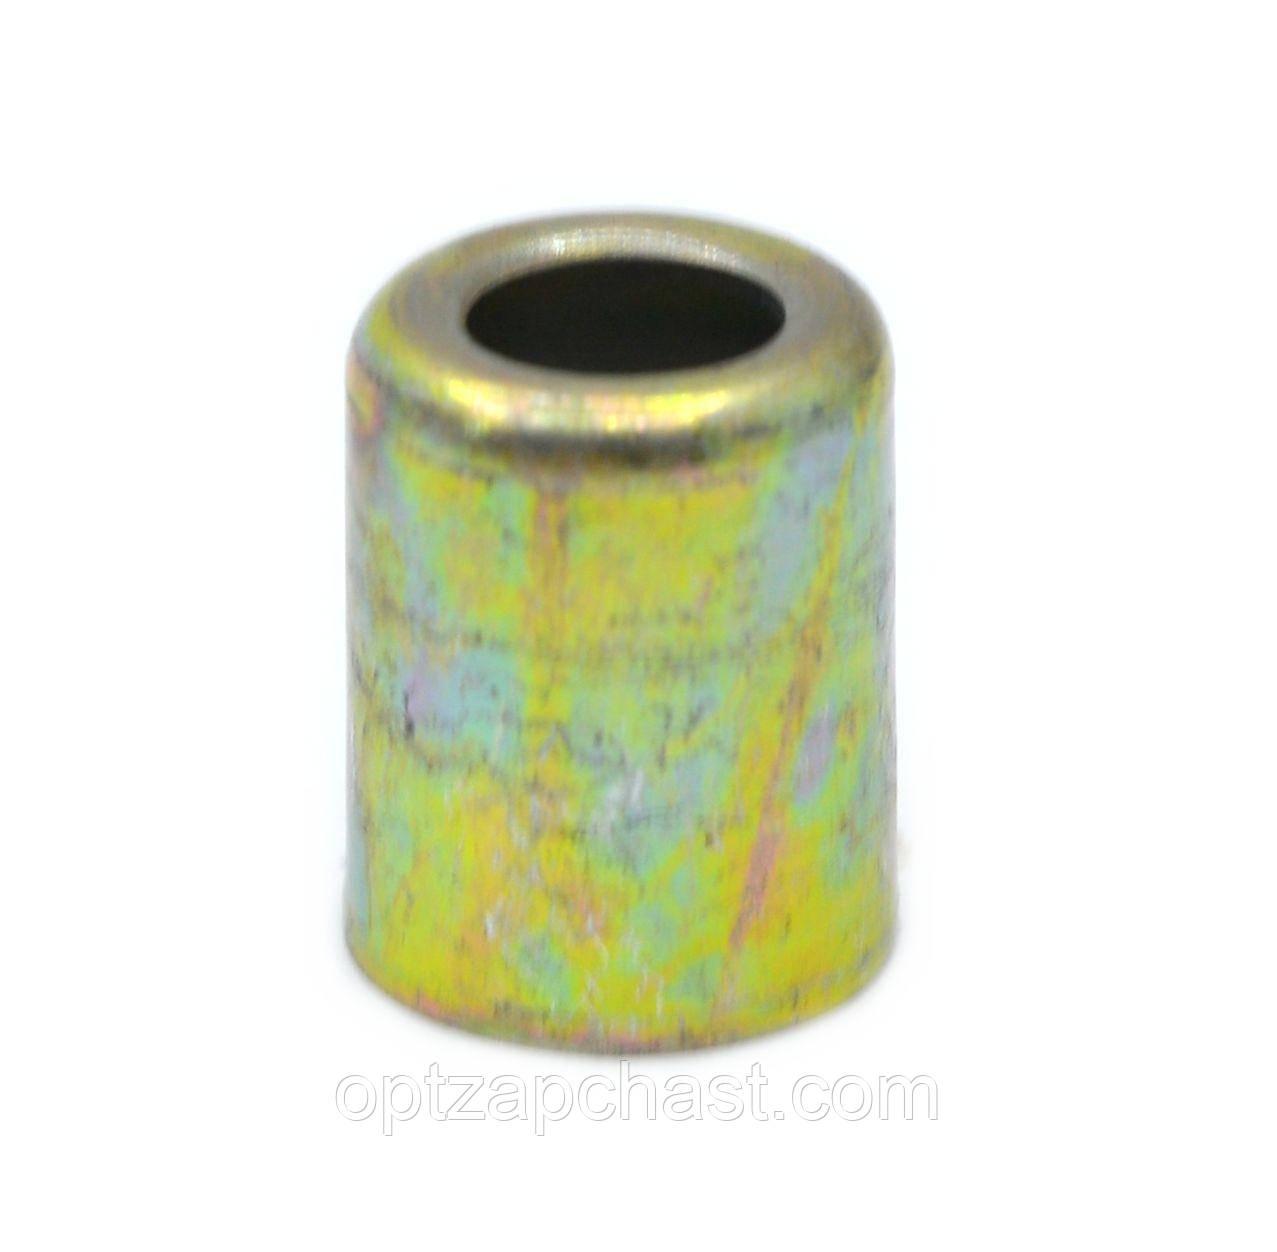 Обжимная муфта шланга низкого давления Ф20-Ф11 длина 25